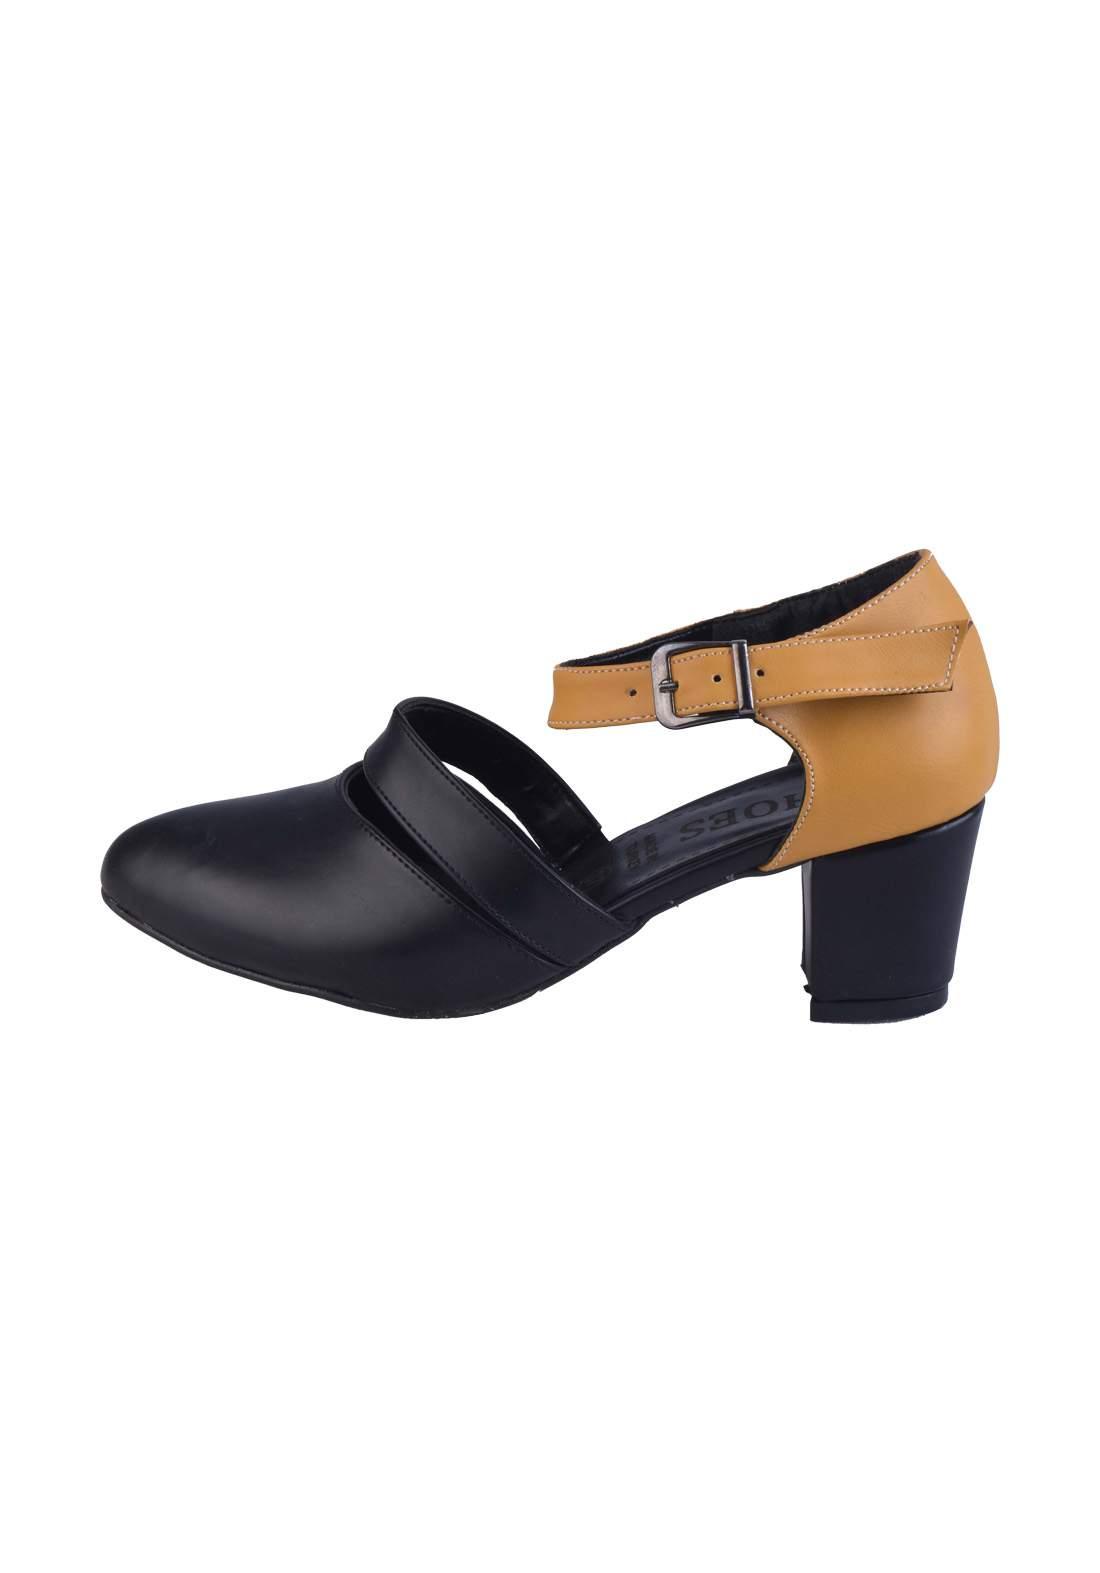 حذاء كعب نسائي باللون الاسود والاصفر